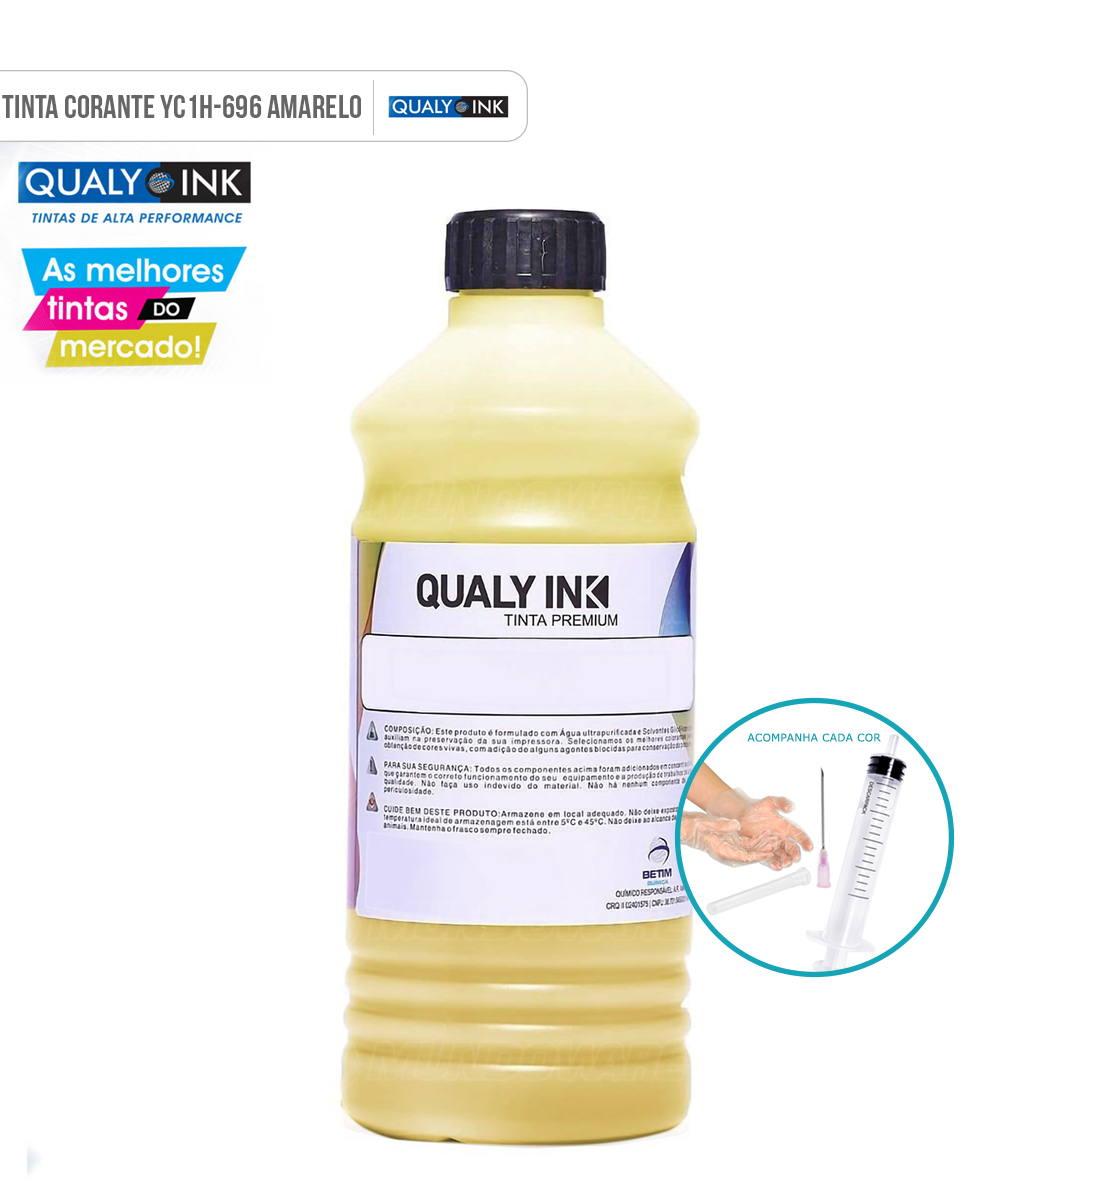 Tinta Yellow para Recarga de Cartucho para impressora HP - modelos 60 61 122 662 664 22 75 93